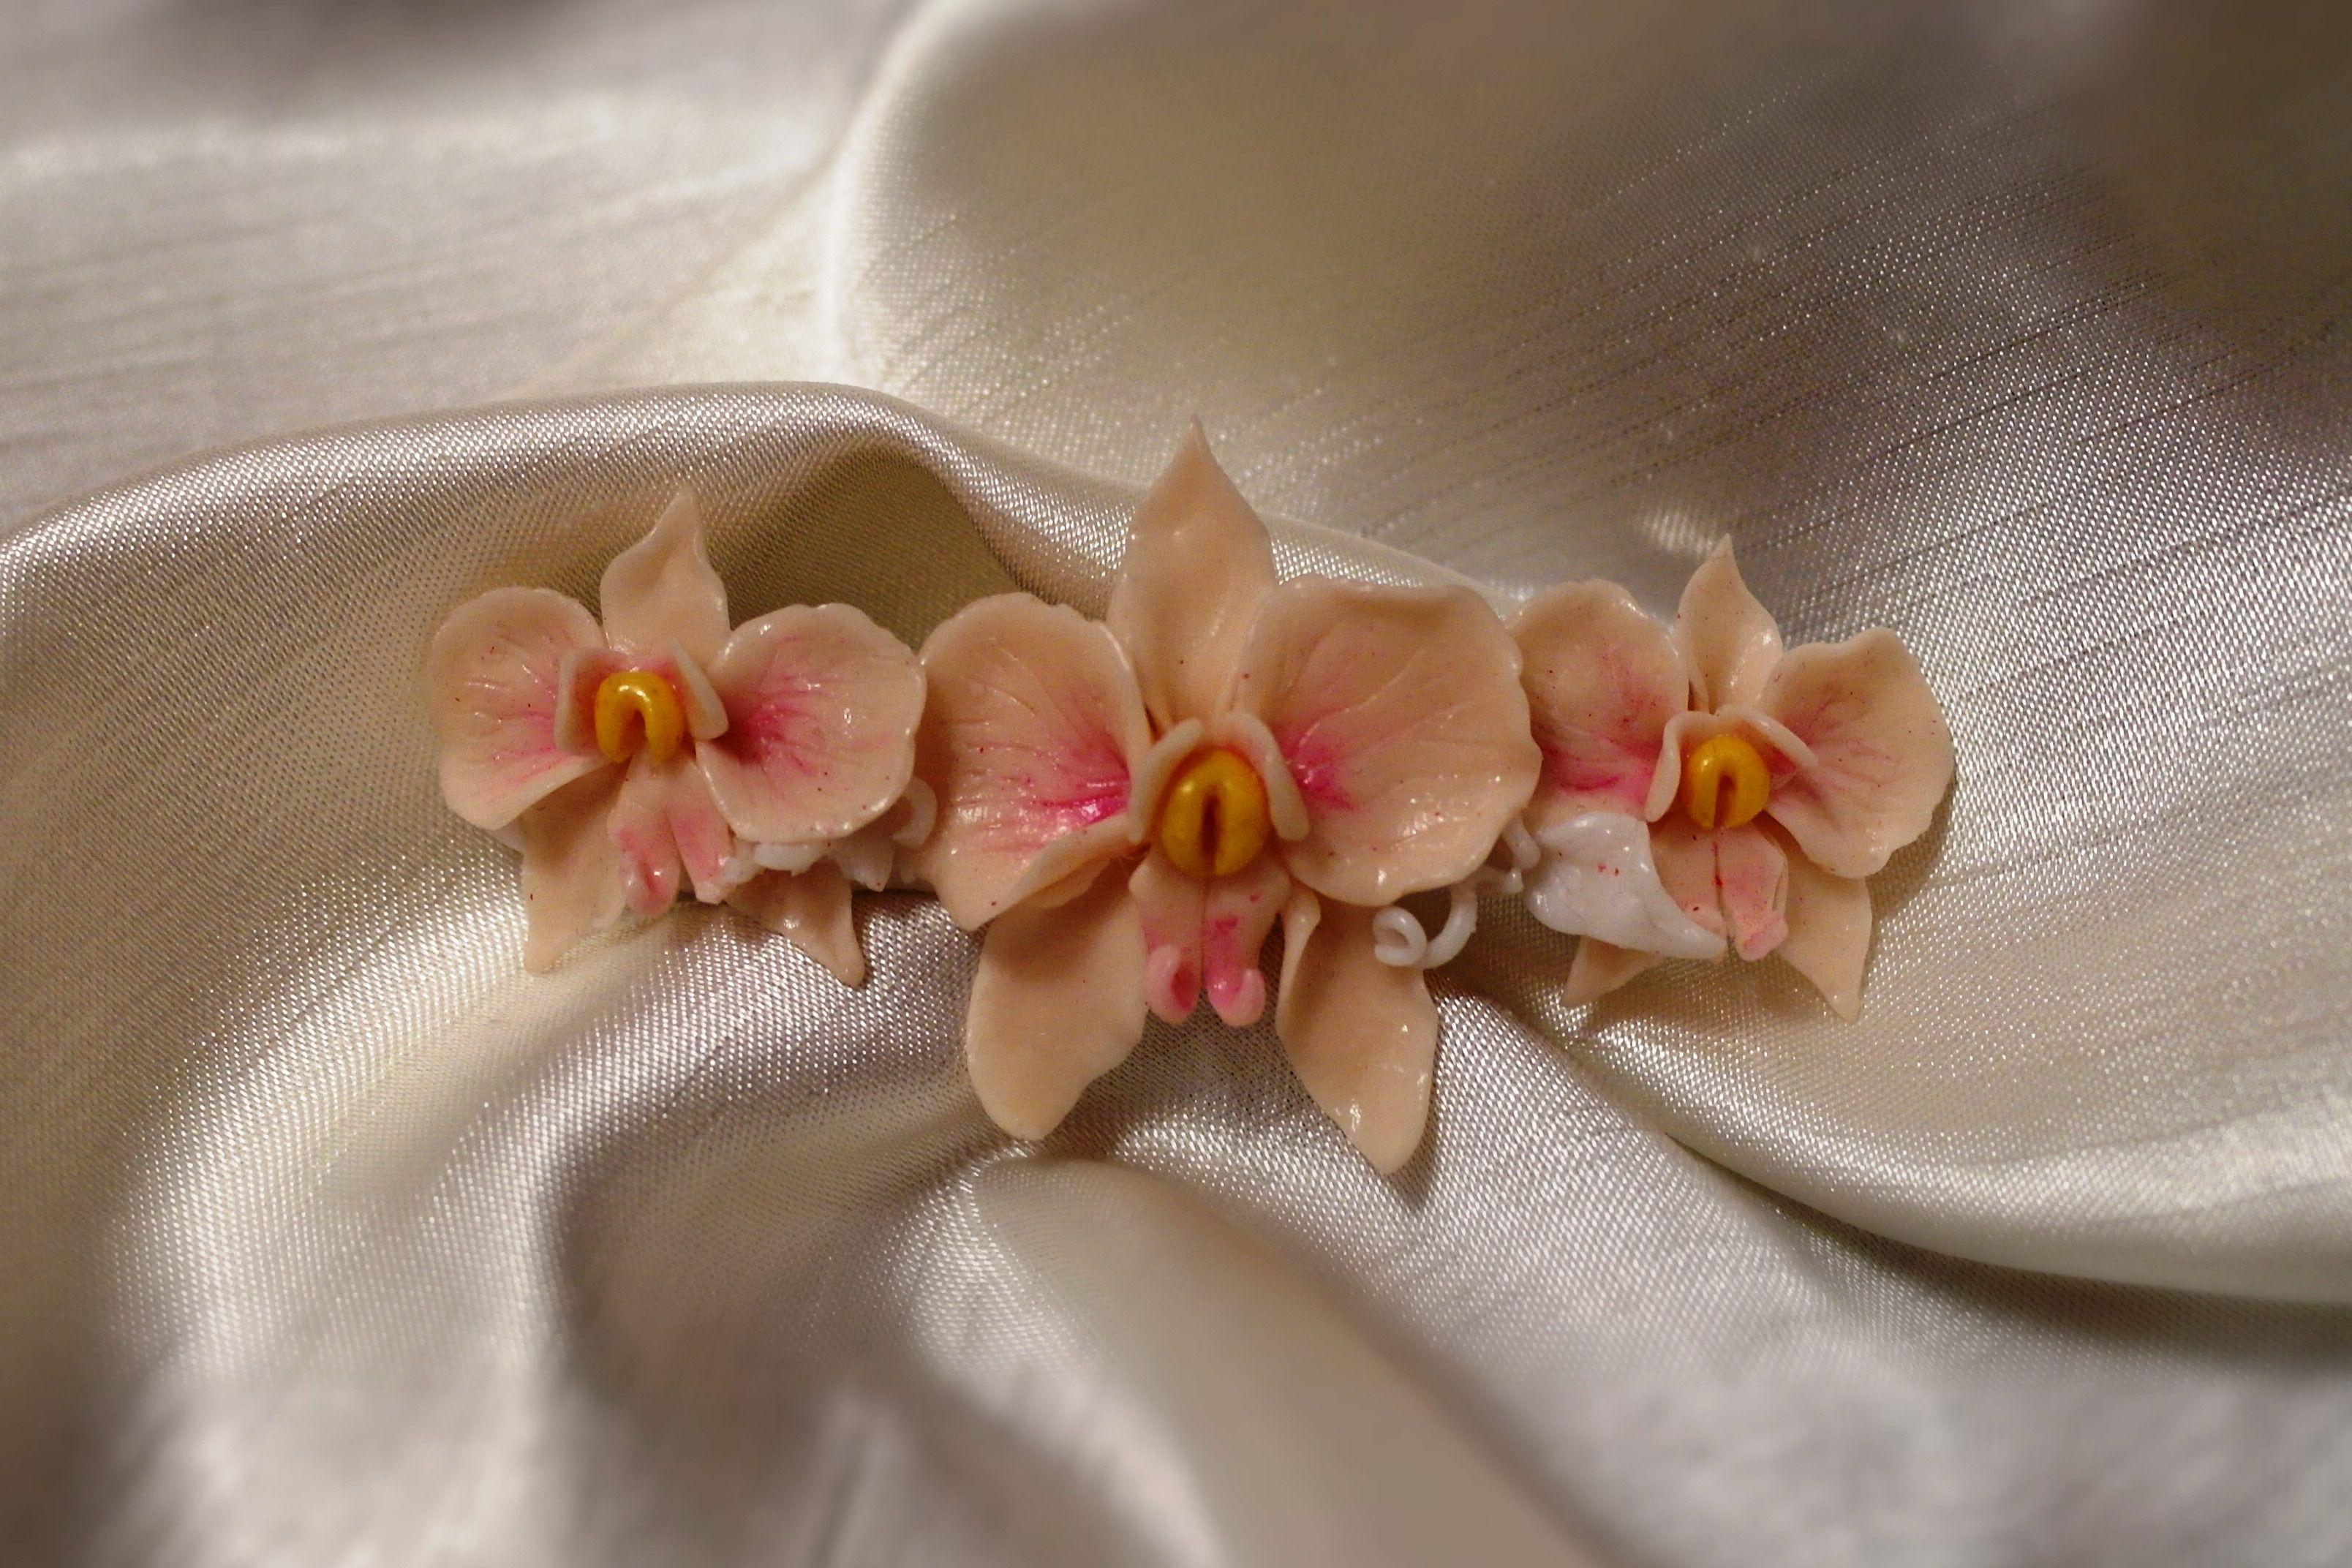 украшениедляволос уникальныйподарок ручнаяработа заколка handmade цветы полимернаяглина творчество бижутерия